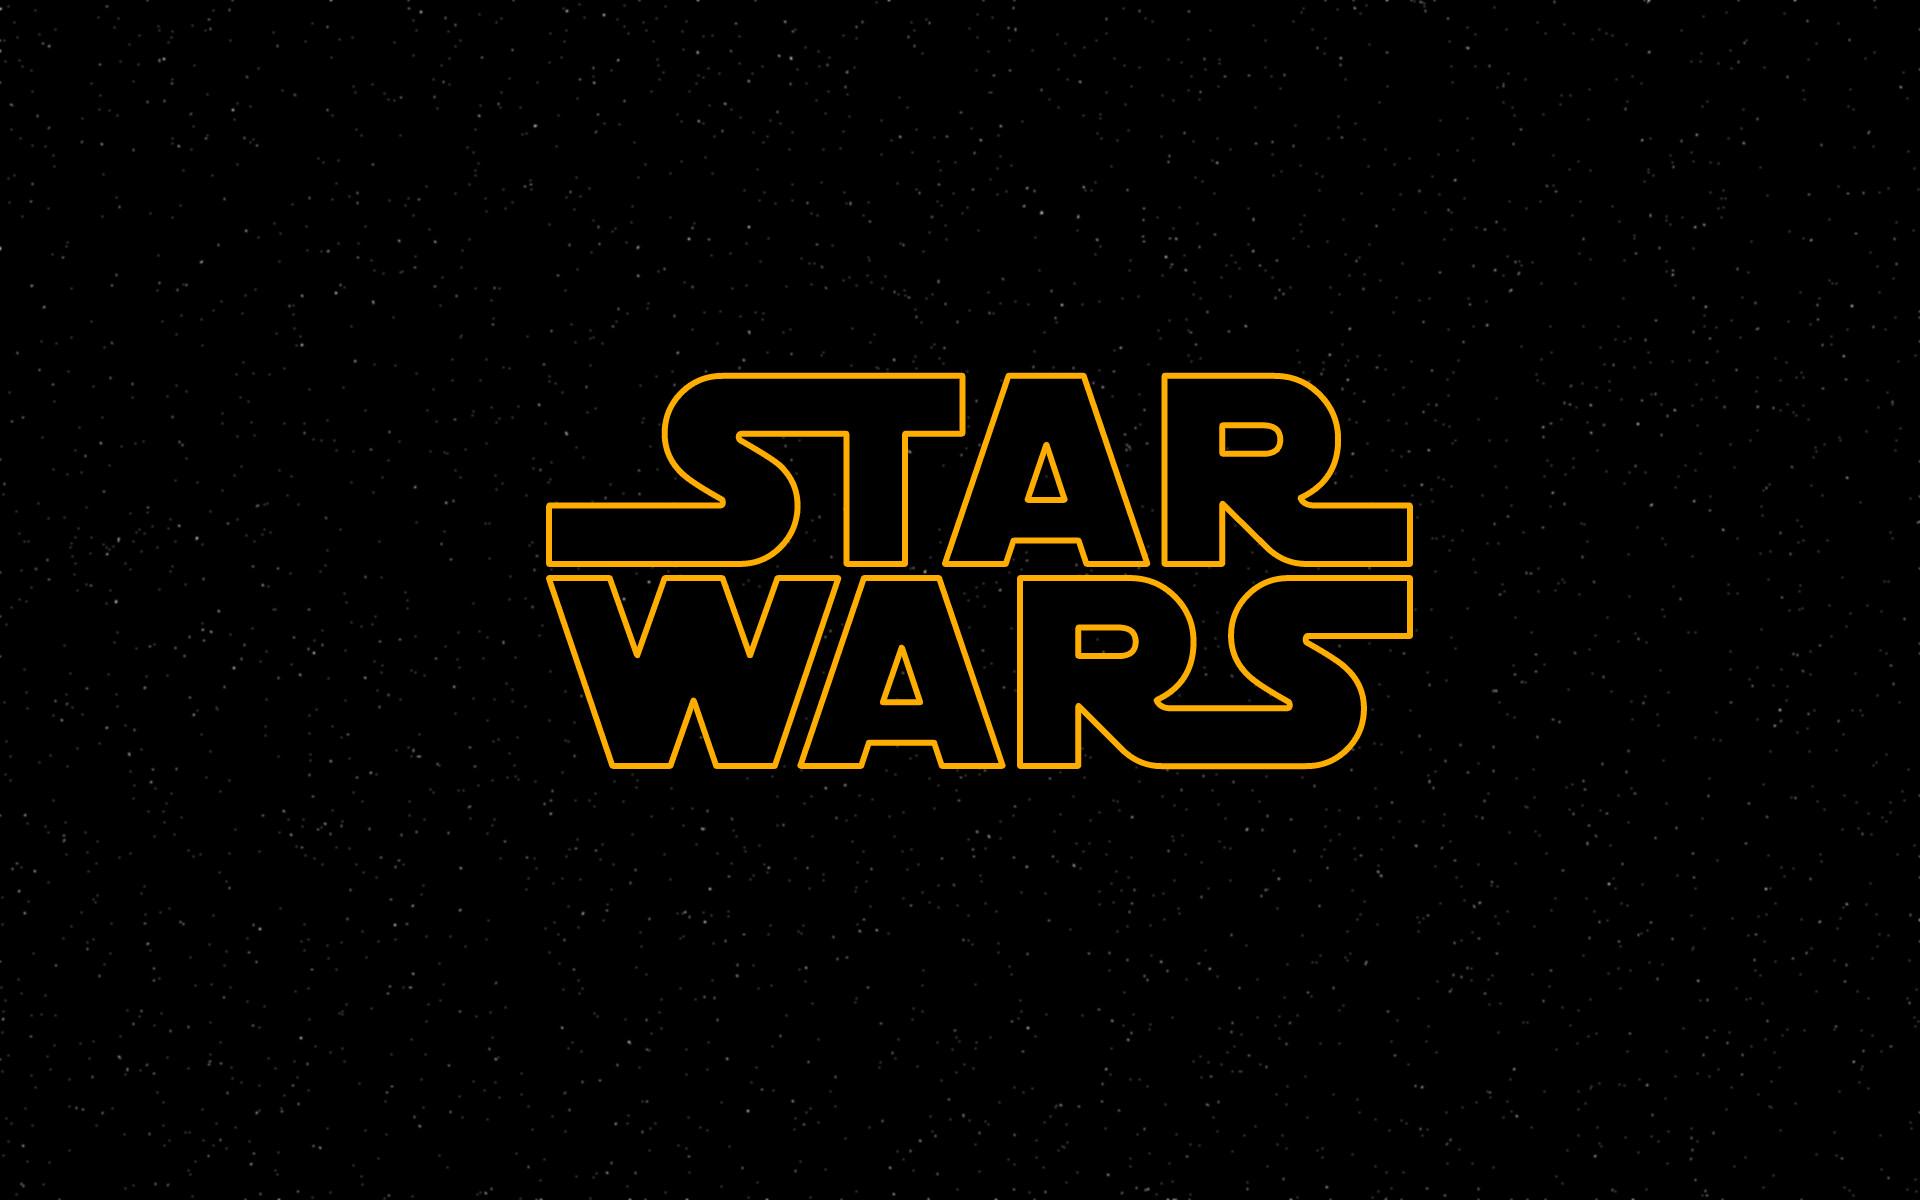 VYQ.832 Star Wars HD, Star Wars HD Wallpapers